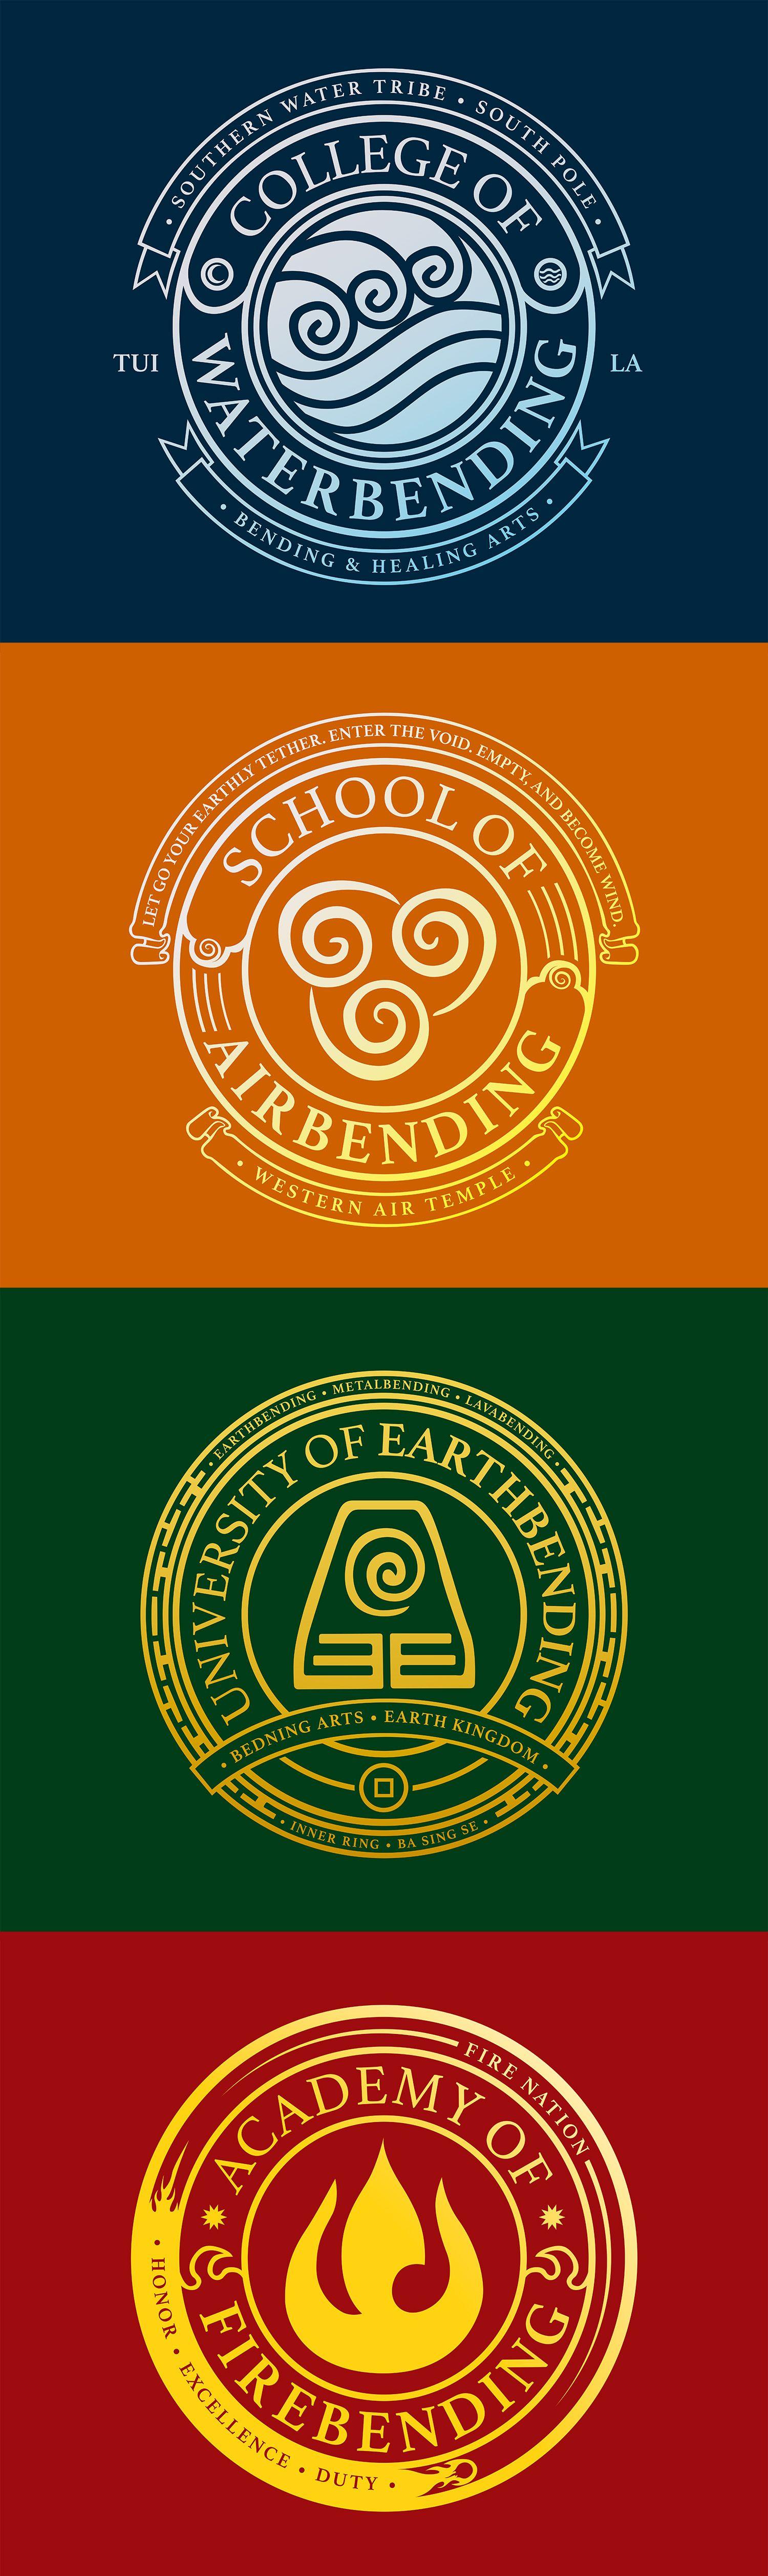 Airbender Logo : airbender, Lizardo, Redbubble, Avatar, Airbender,, Zuko,